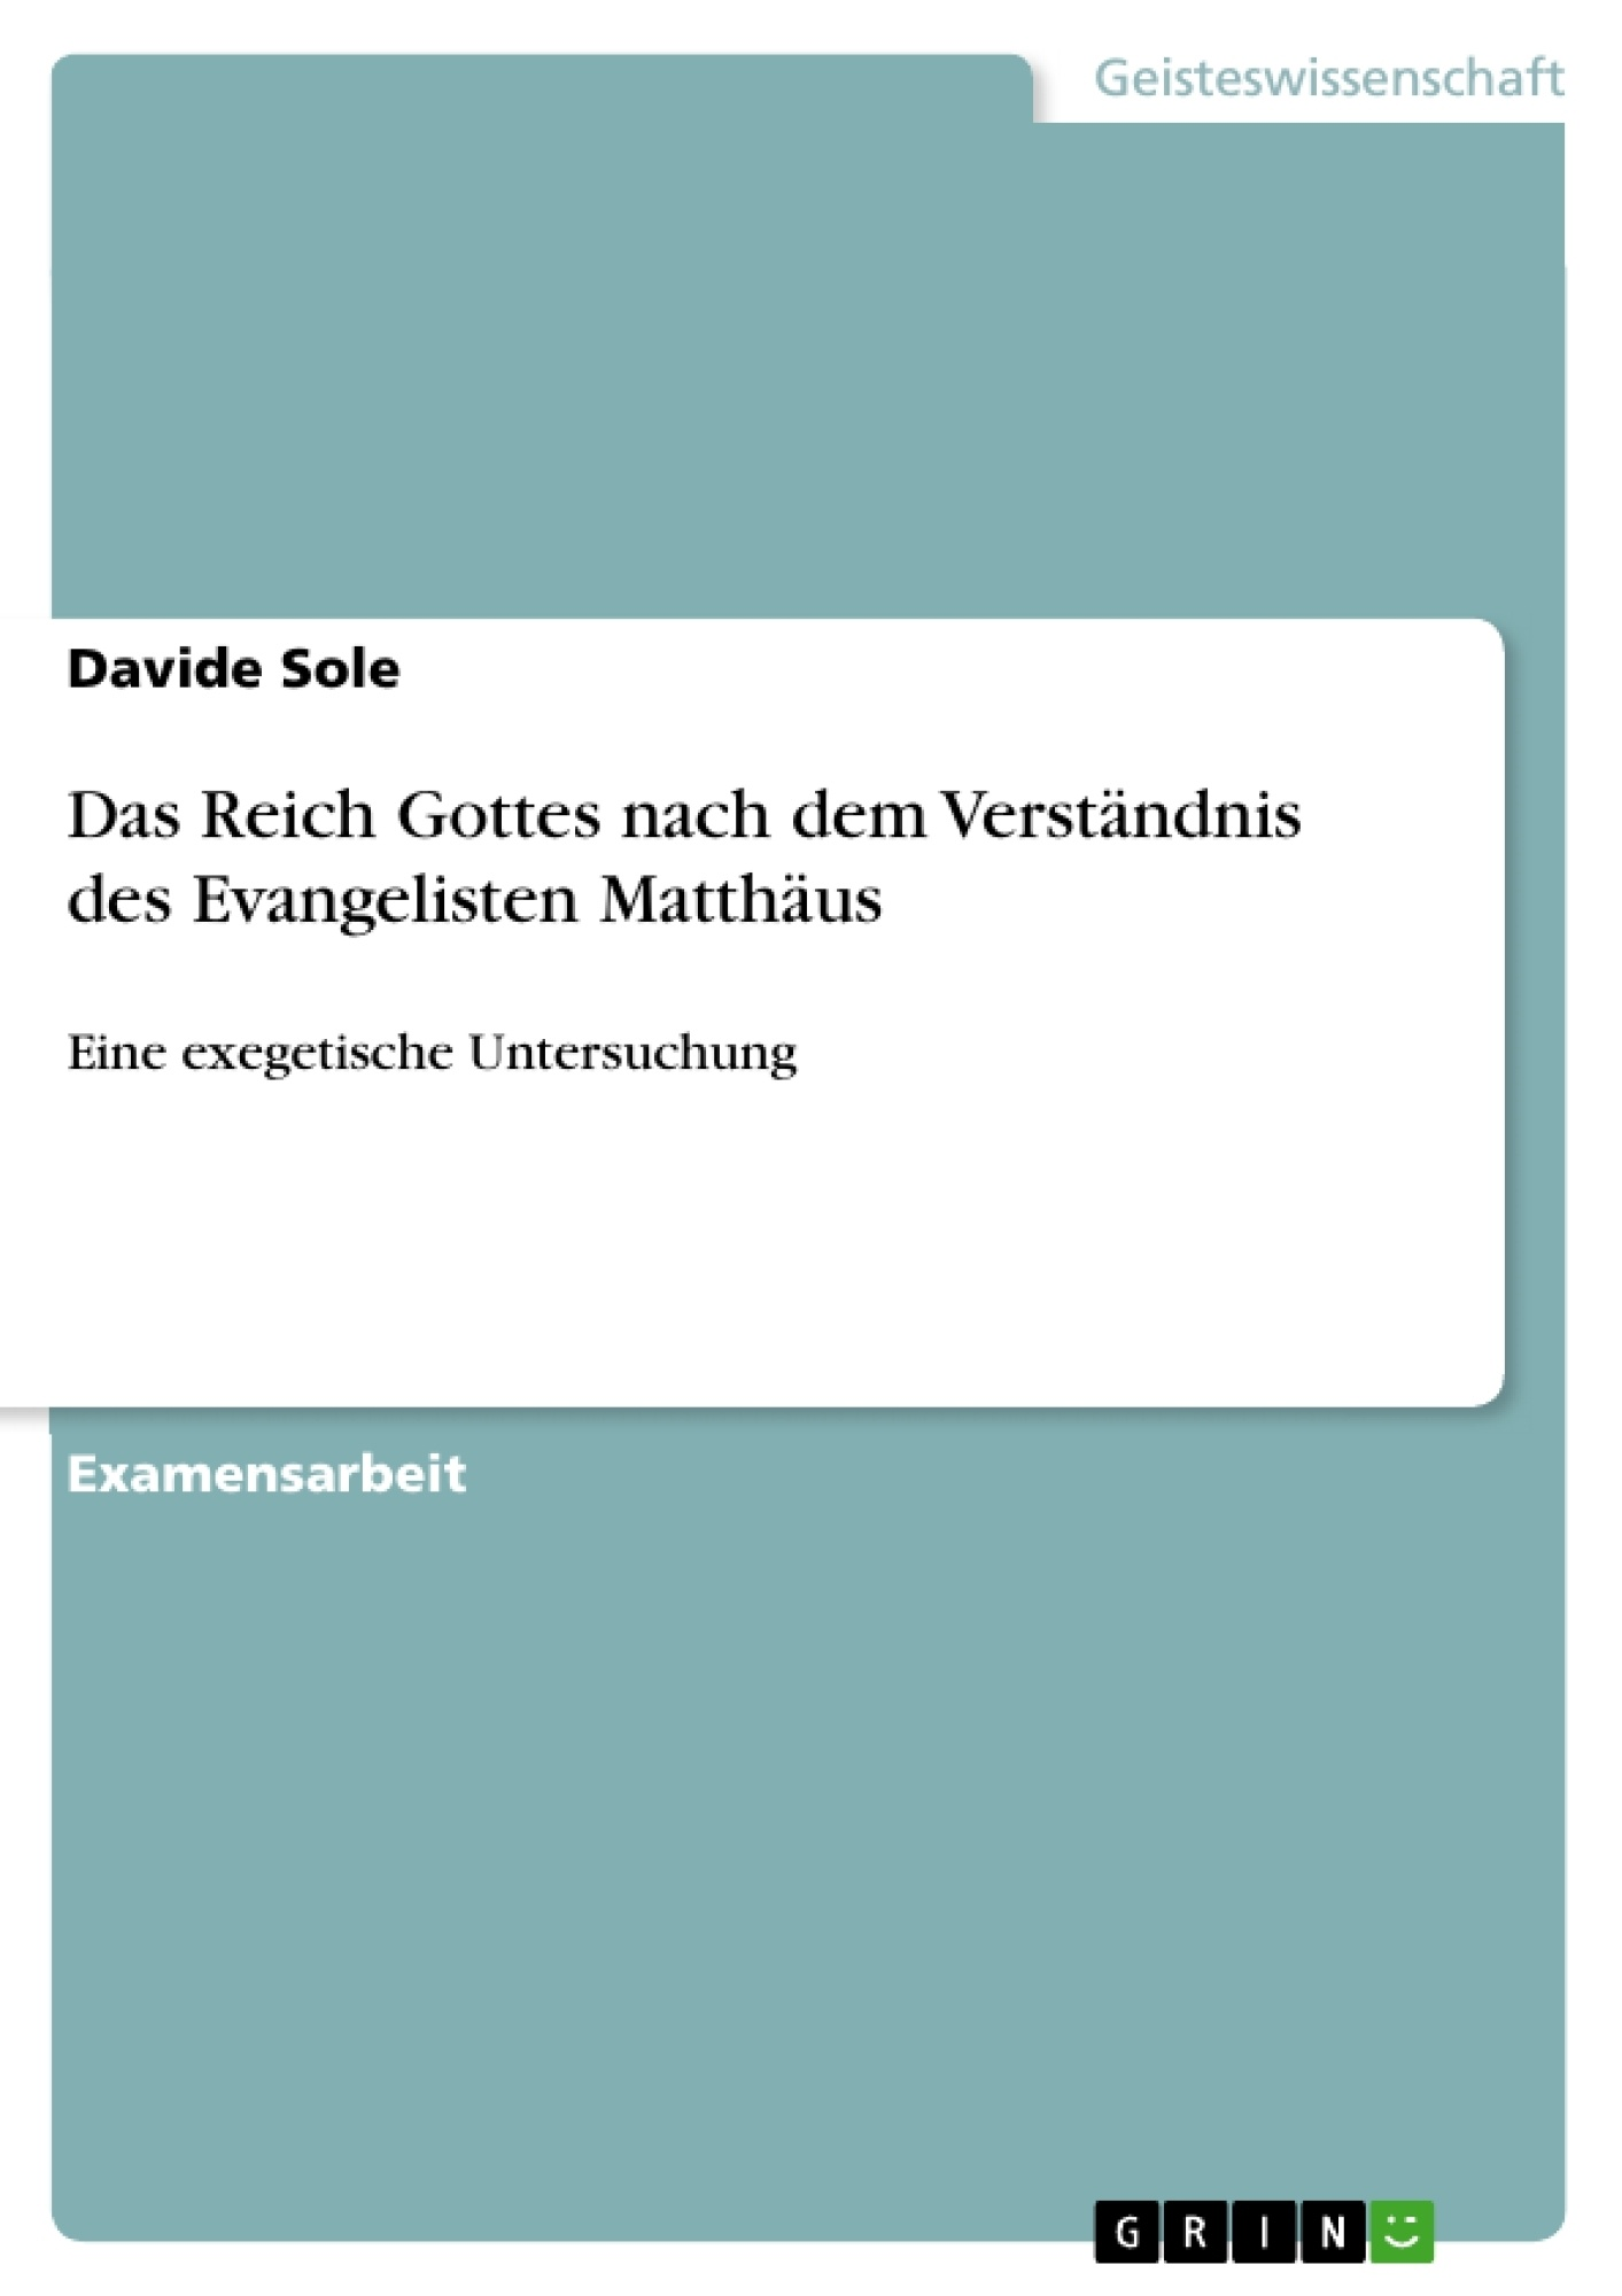 Das Reich Gottes nach dem Verständnis des Evangelisten Matthäus ...